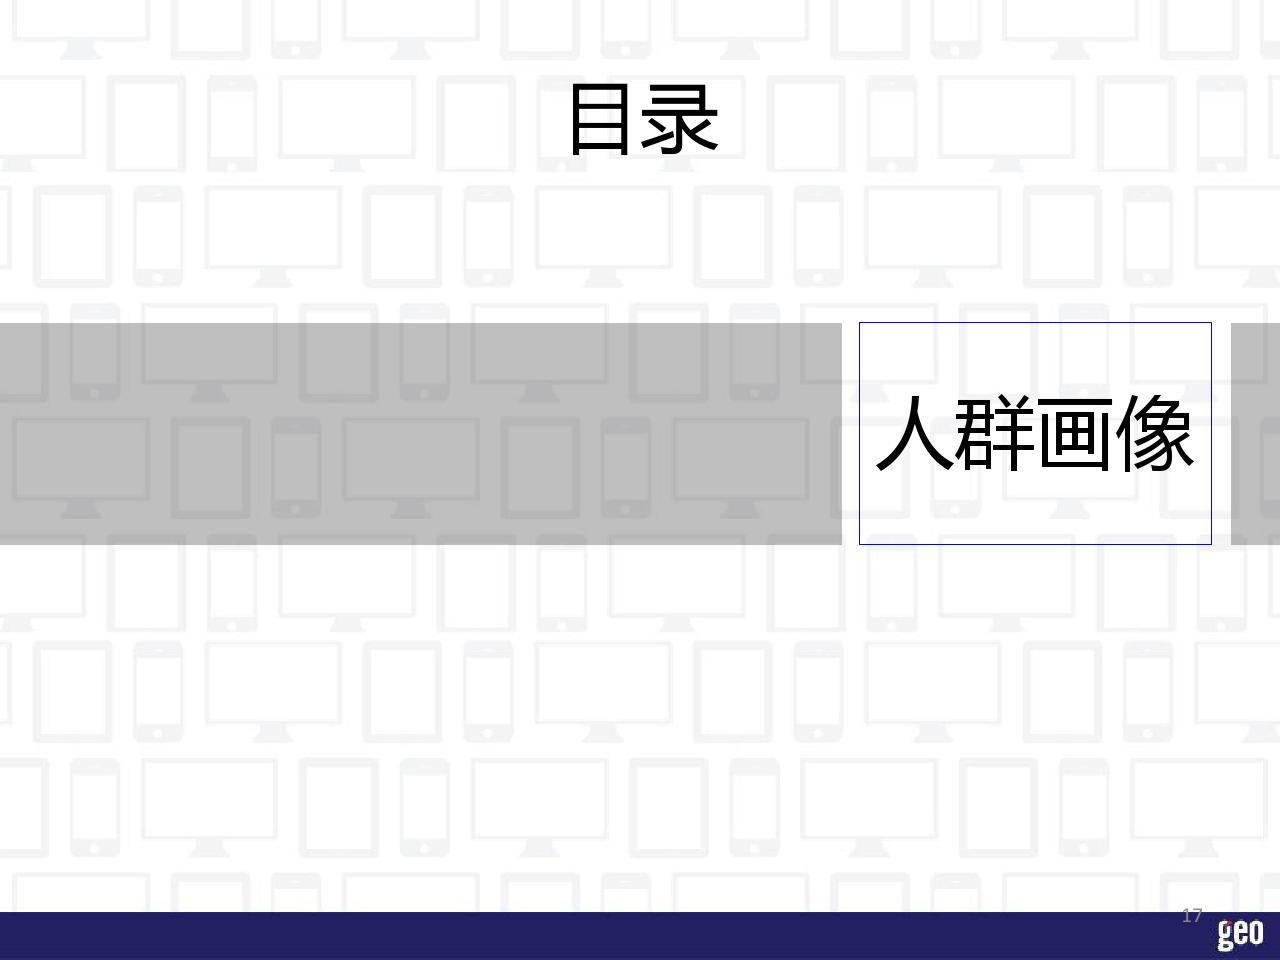 P2P行业洞察报告_000017